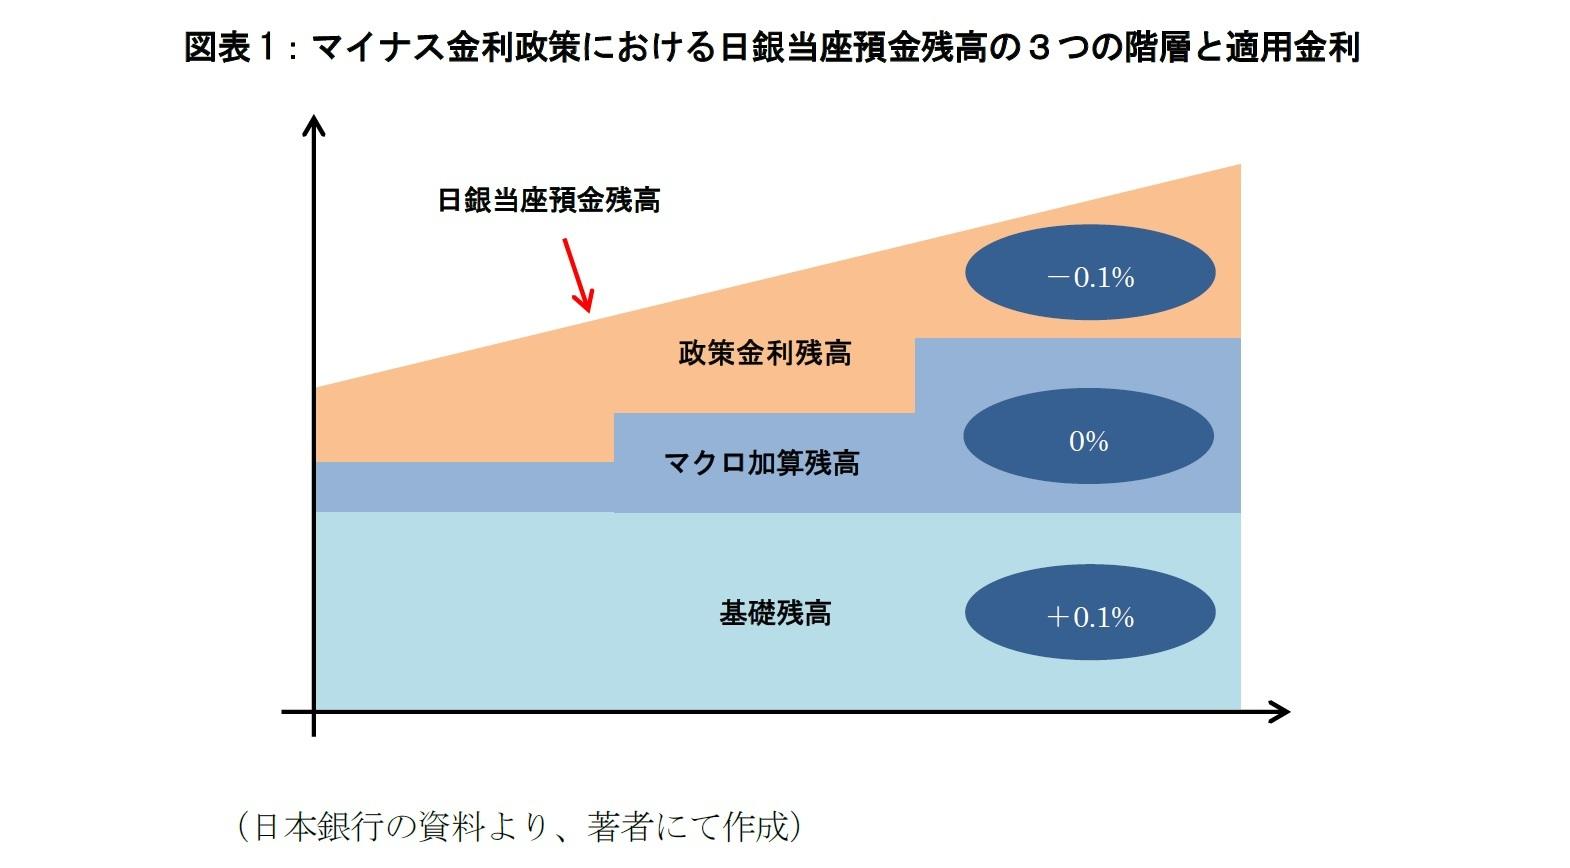 図表1:マイナス金利政策における日銀当座預金残高の3つの階層と適用金利